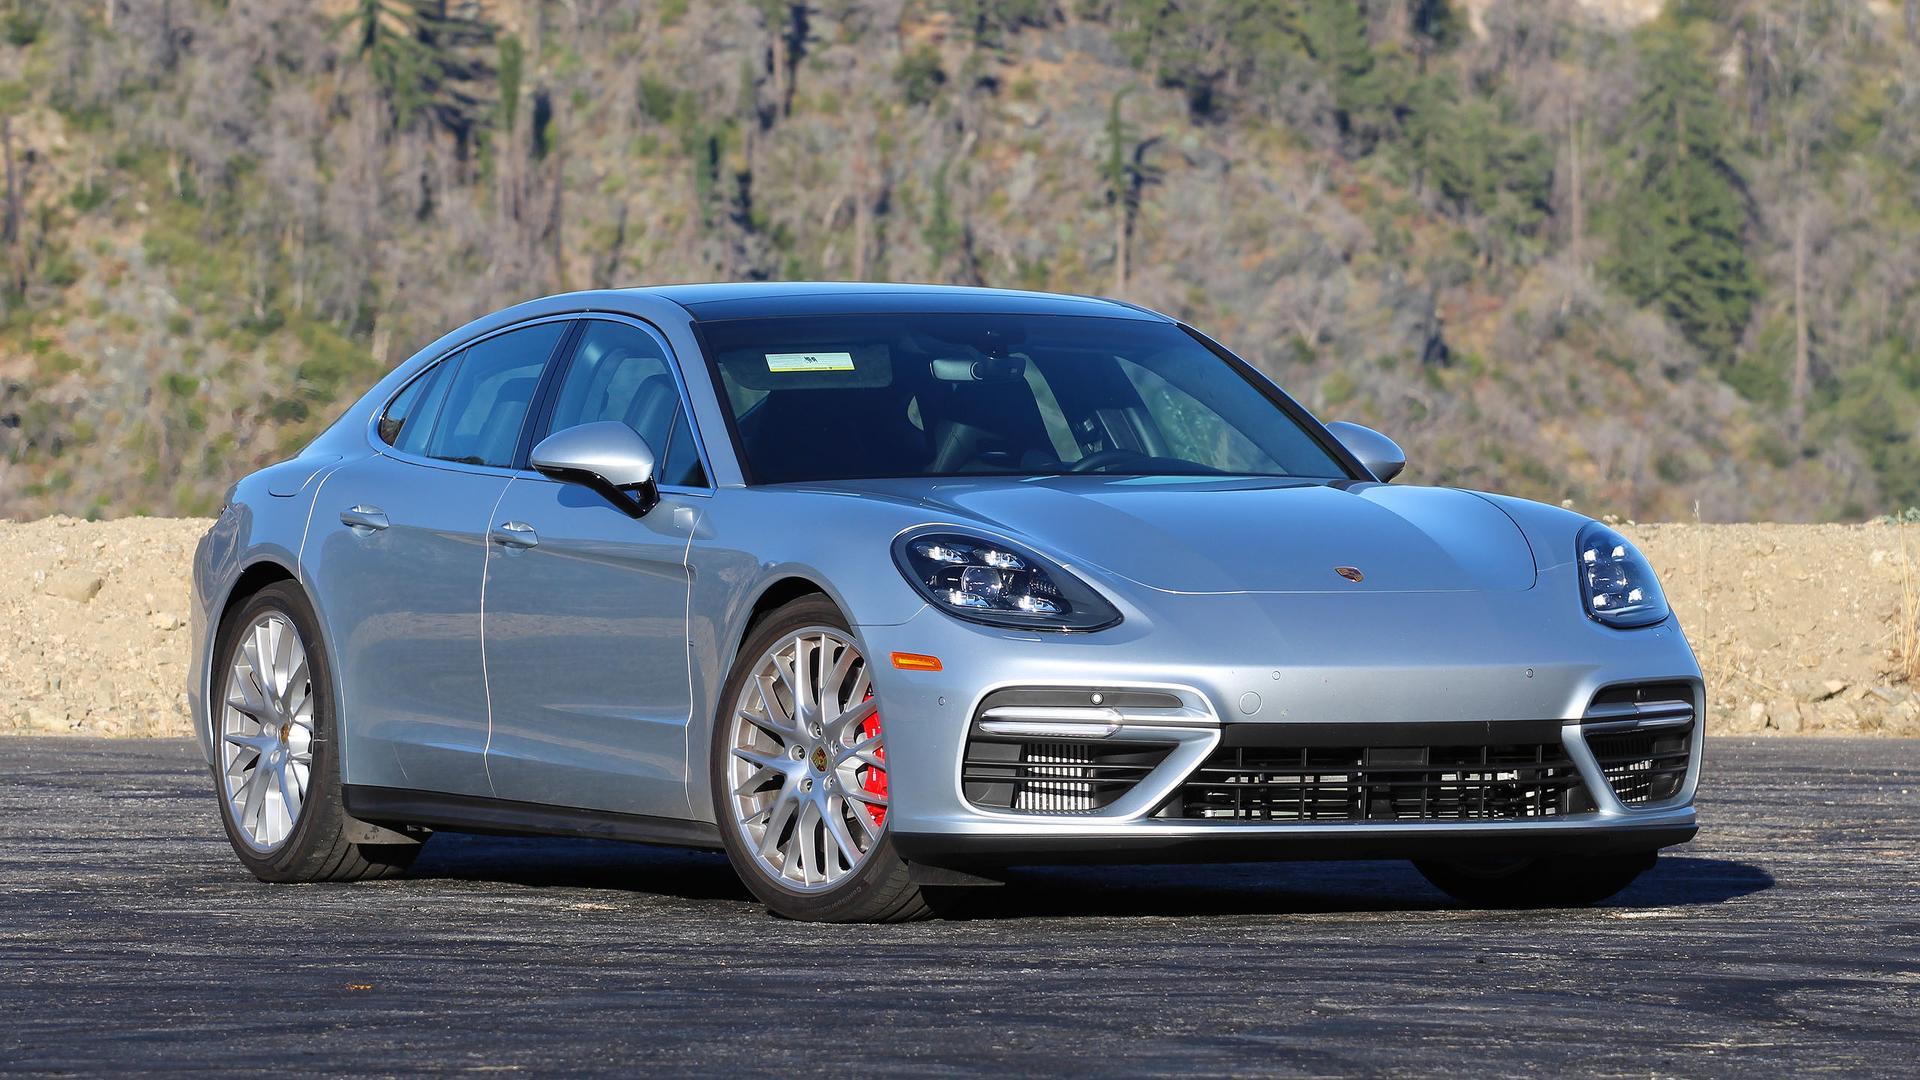 4 Door Porsche >> 2017 Porsche Panamera Turbo Review The Four Door 911